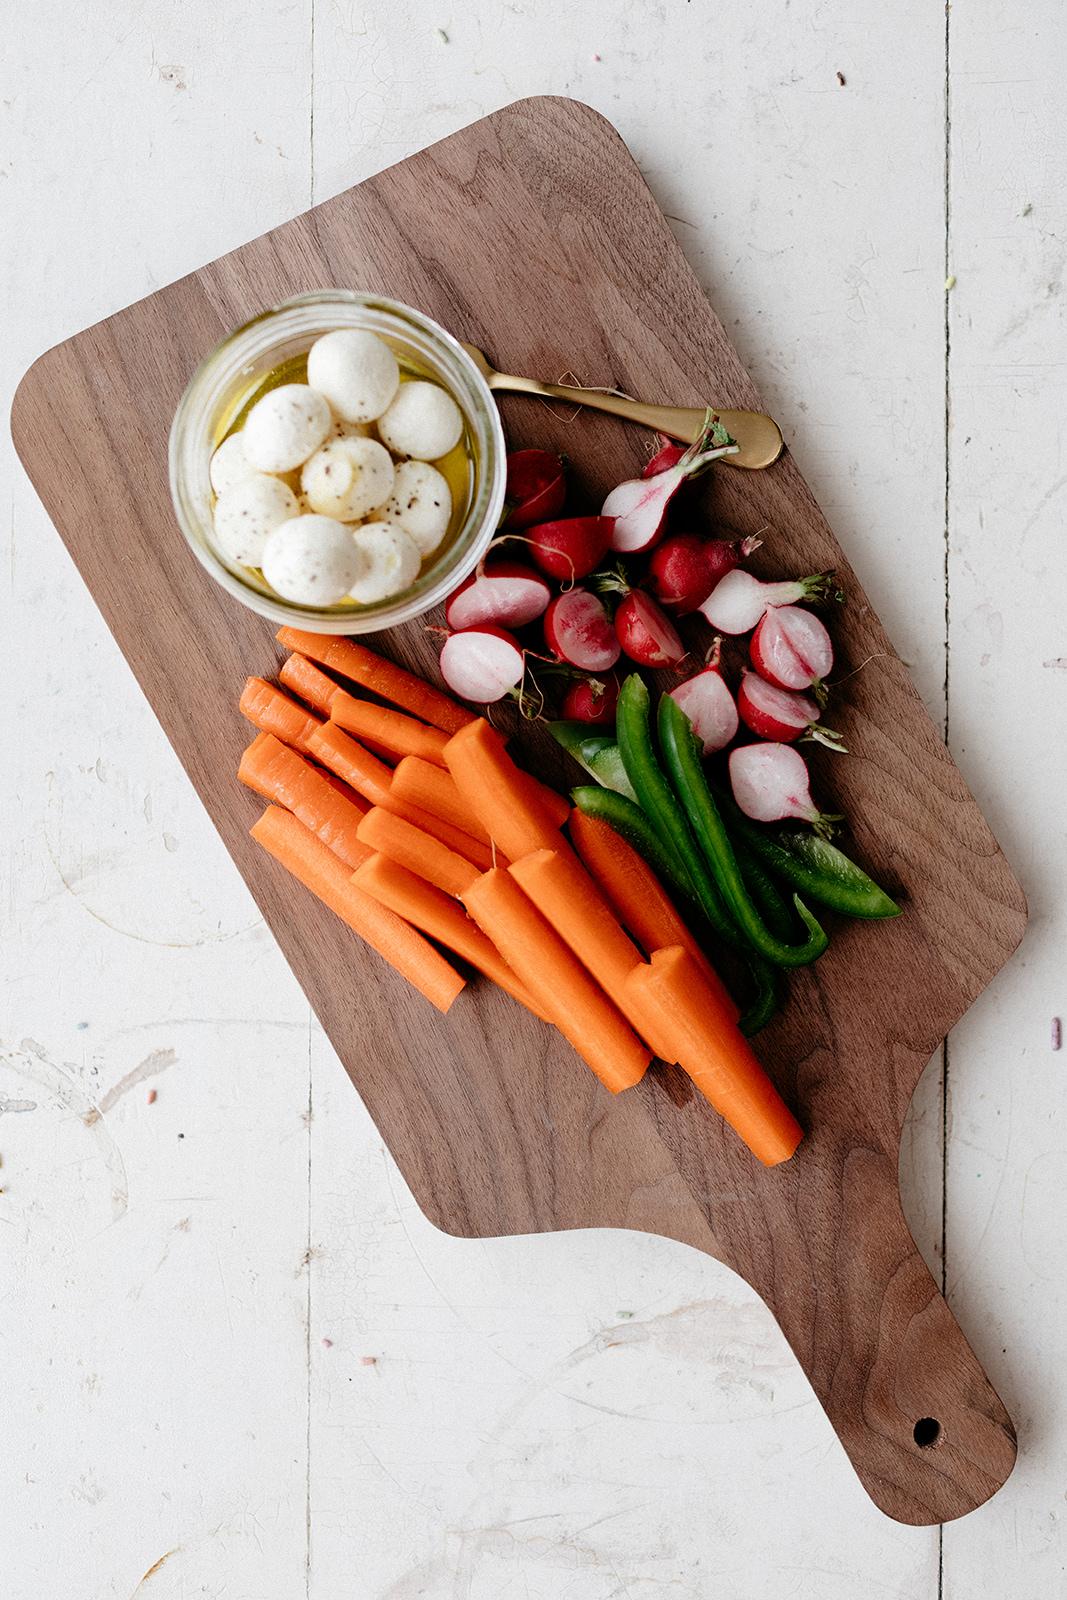 molly-yeh-yogurt-recipes-69.jpg